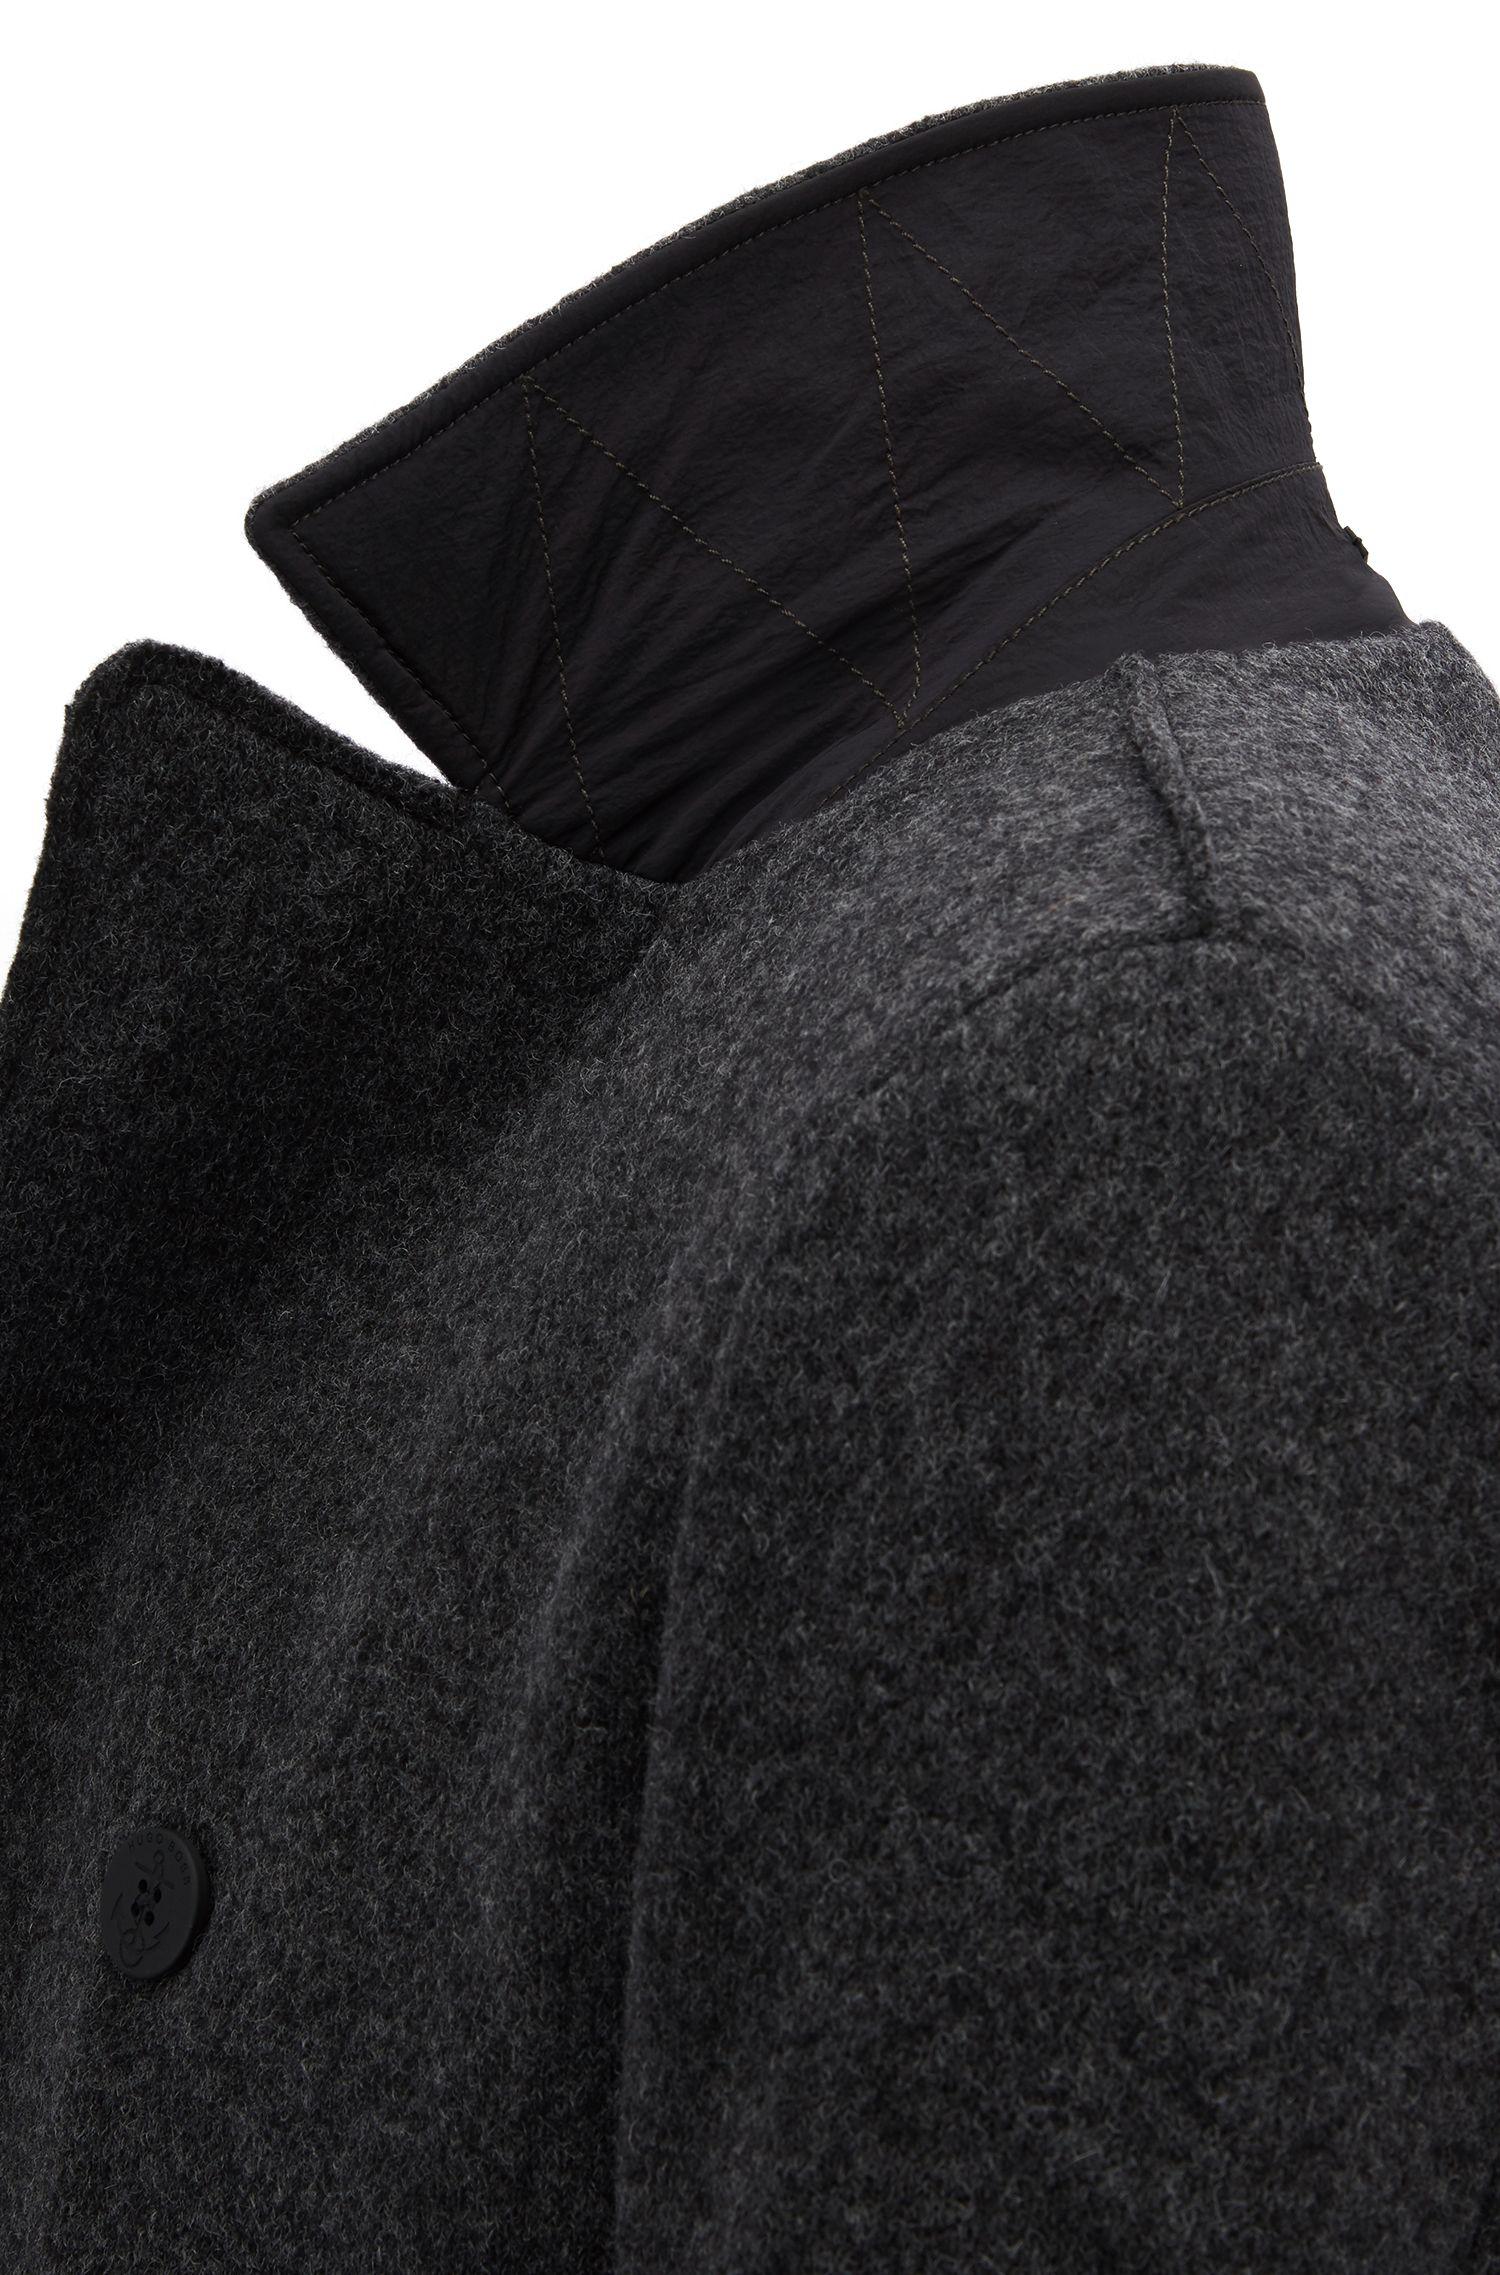 Gabán slim fit en tejido fabricado en Italia, Gris oscuro